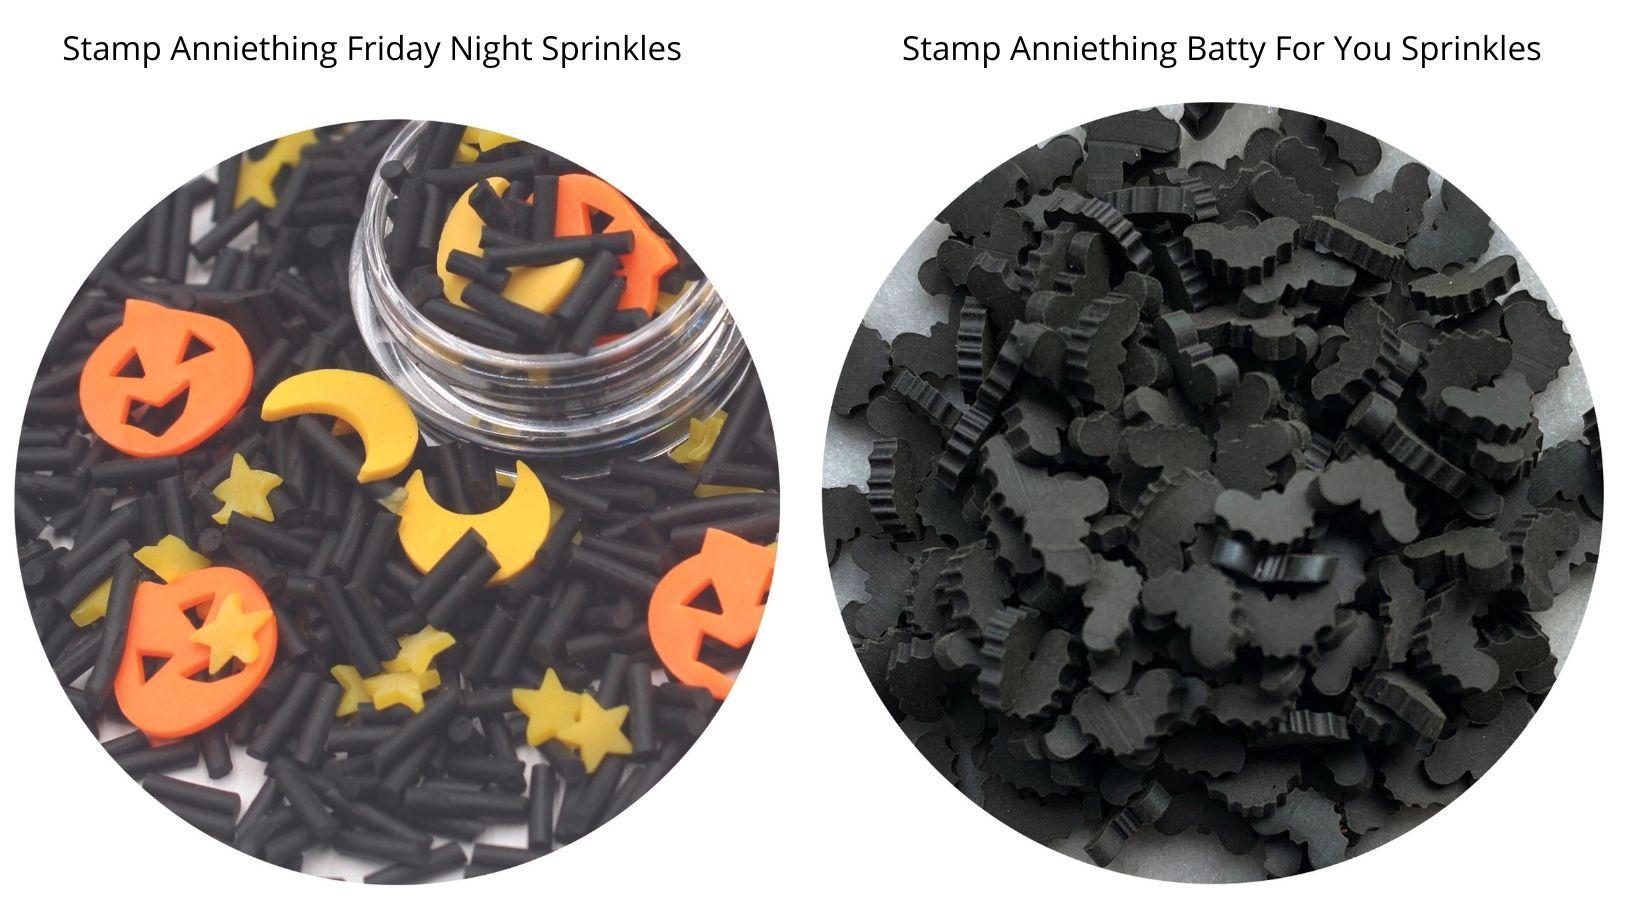 Stamp Anniething Sprinkles